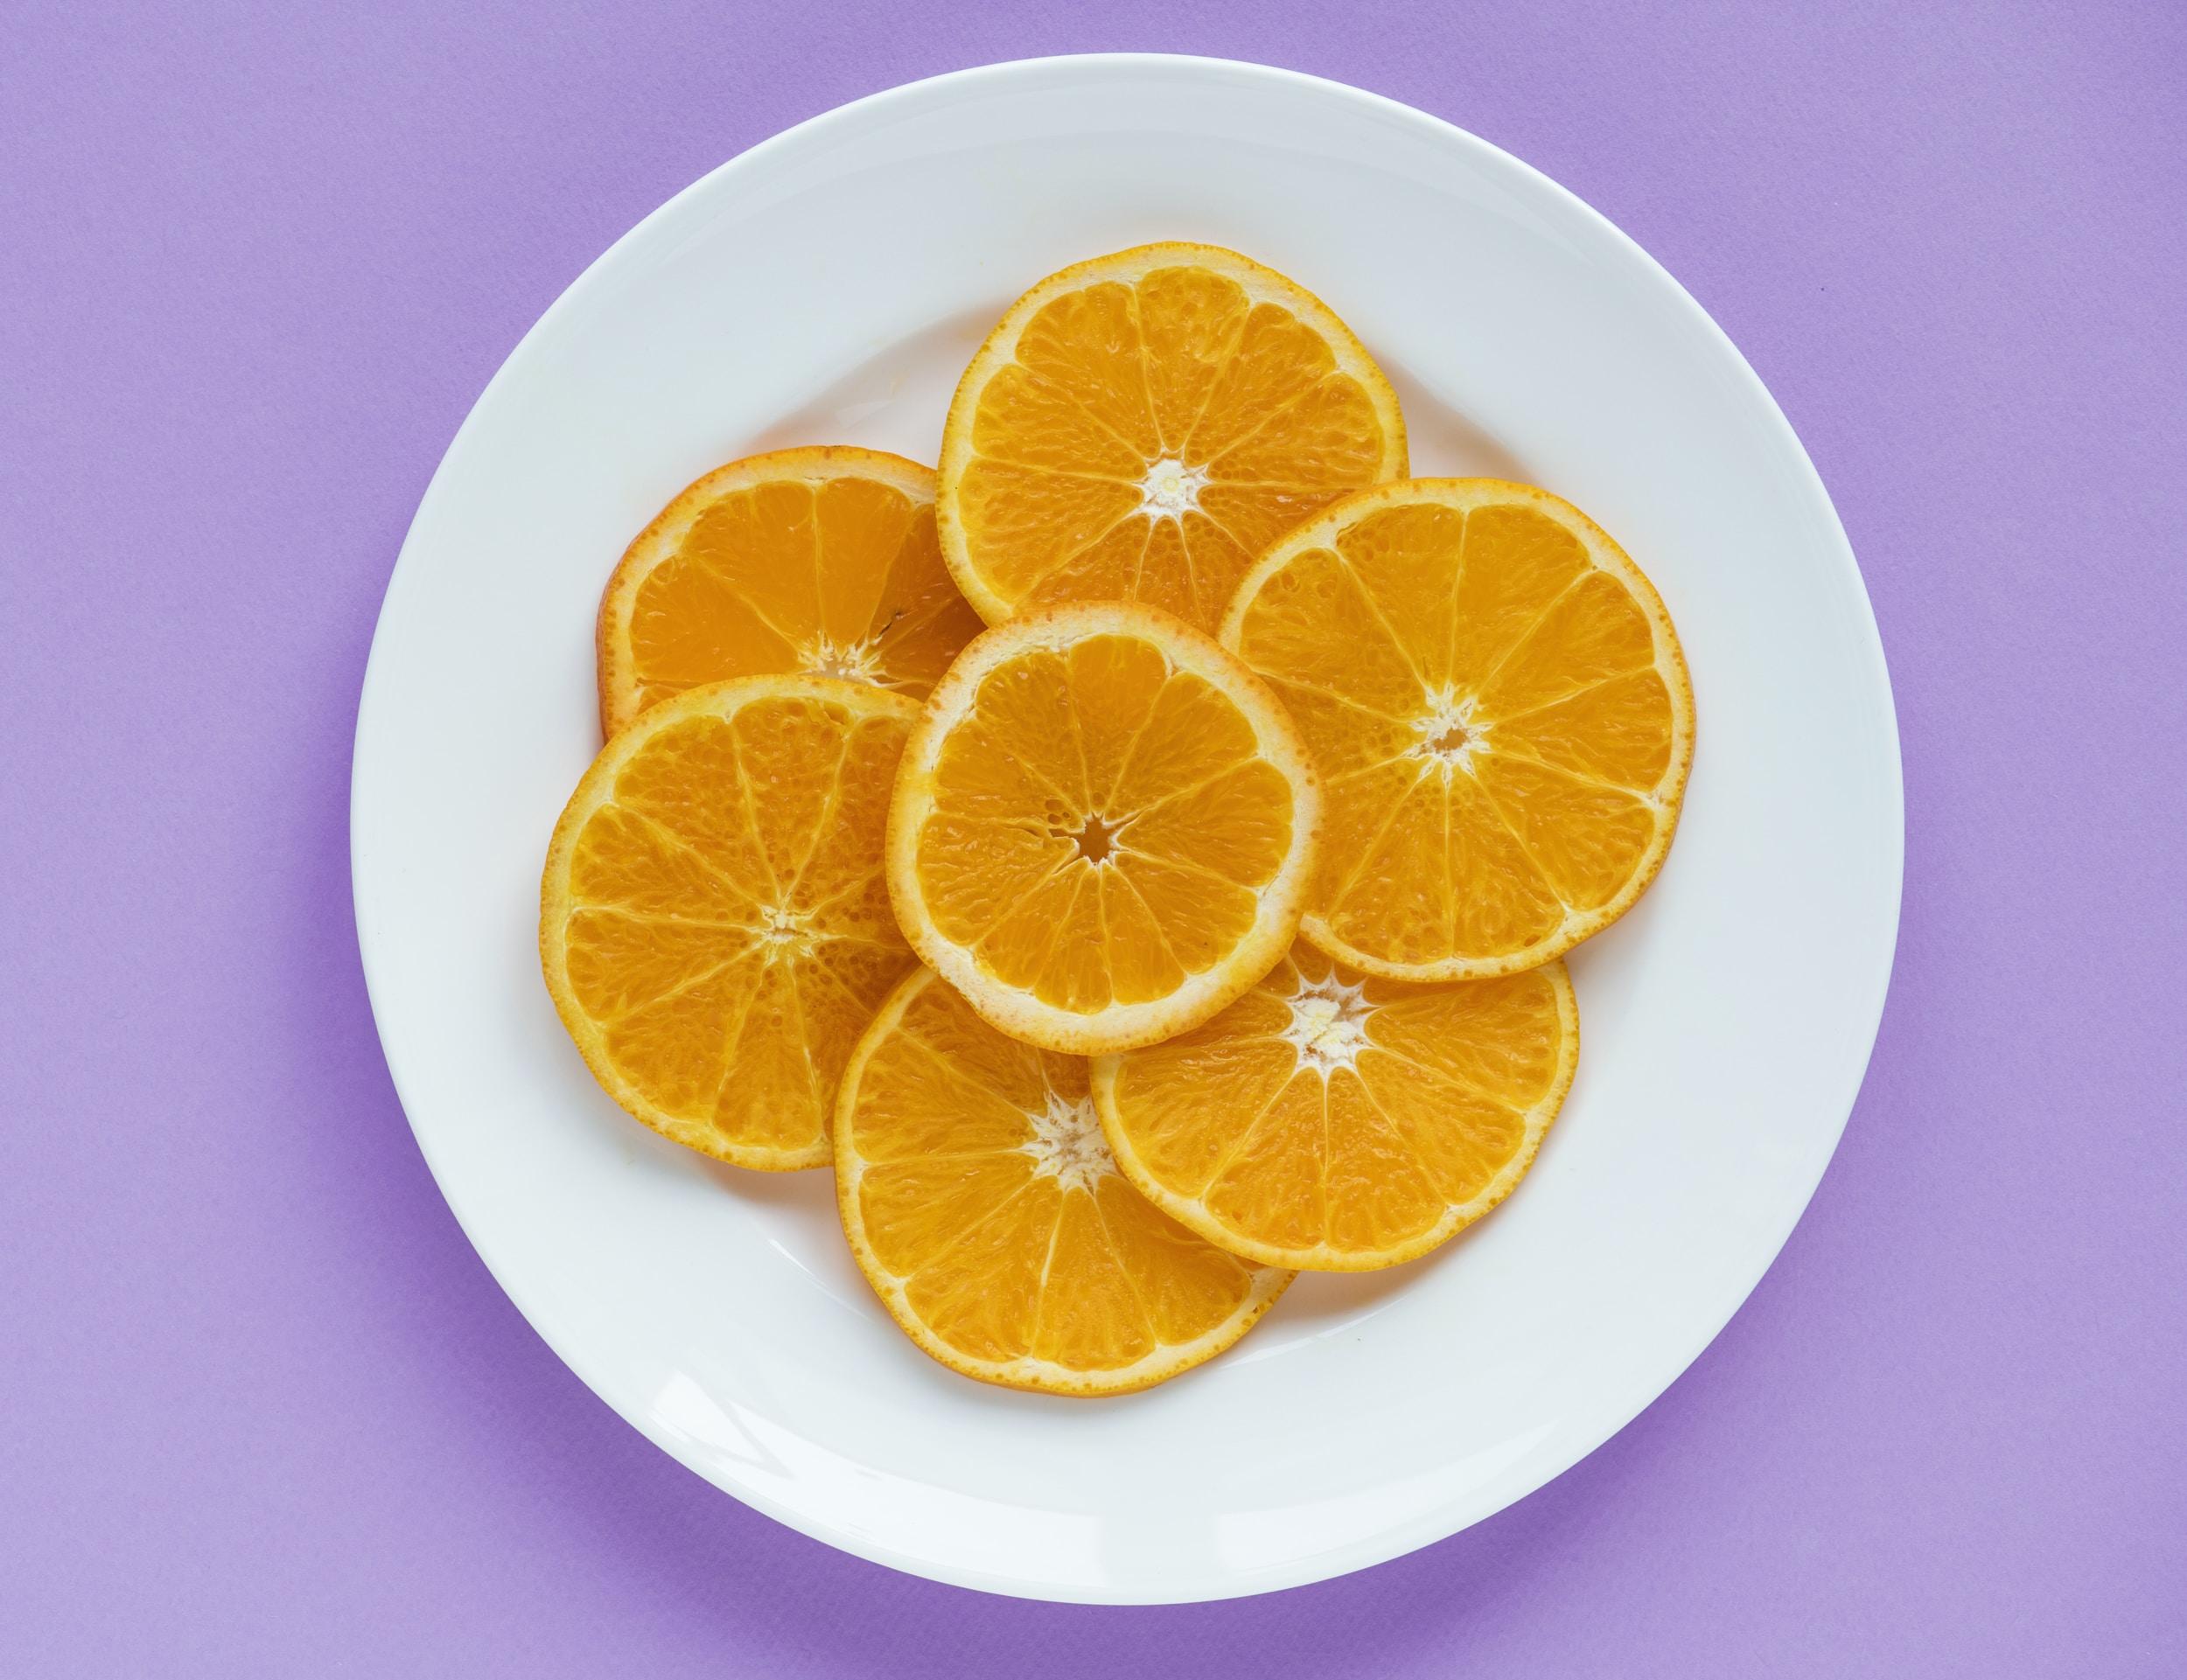 slice of orange fruit on plate